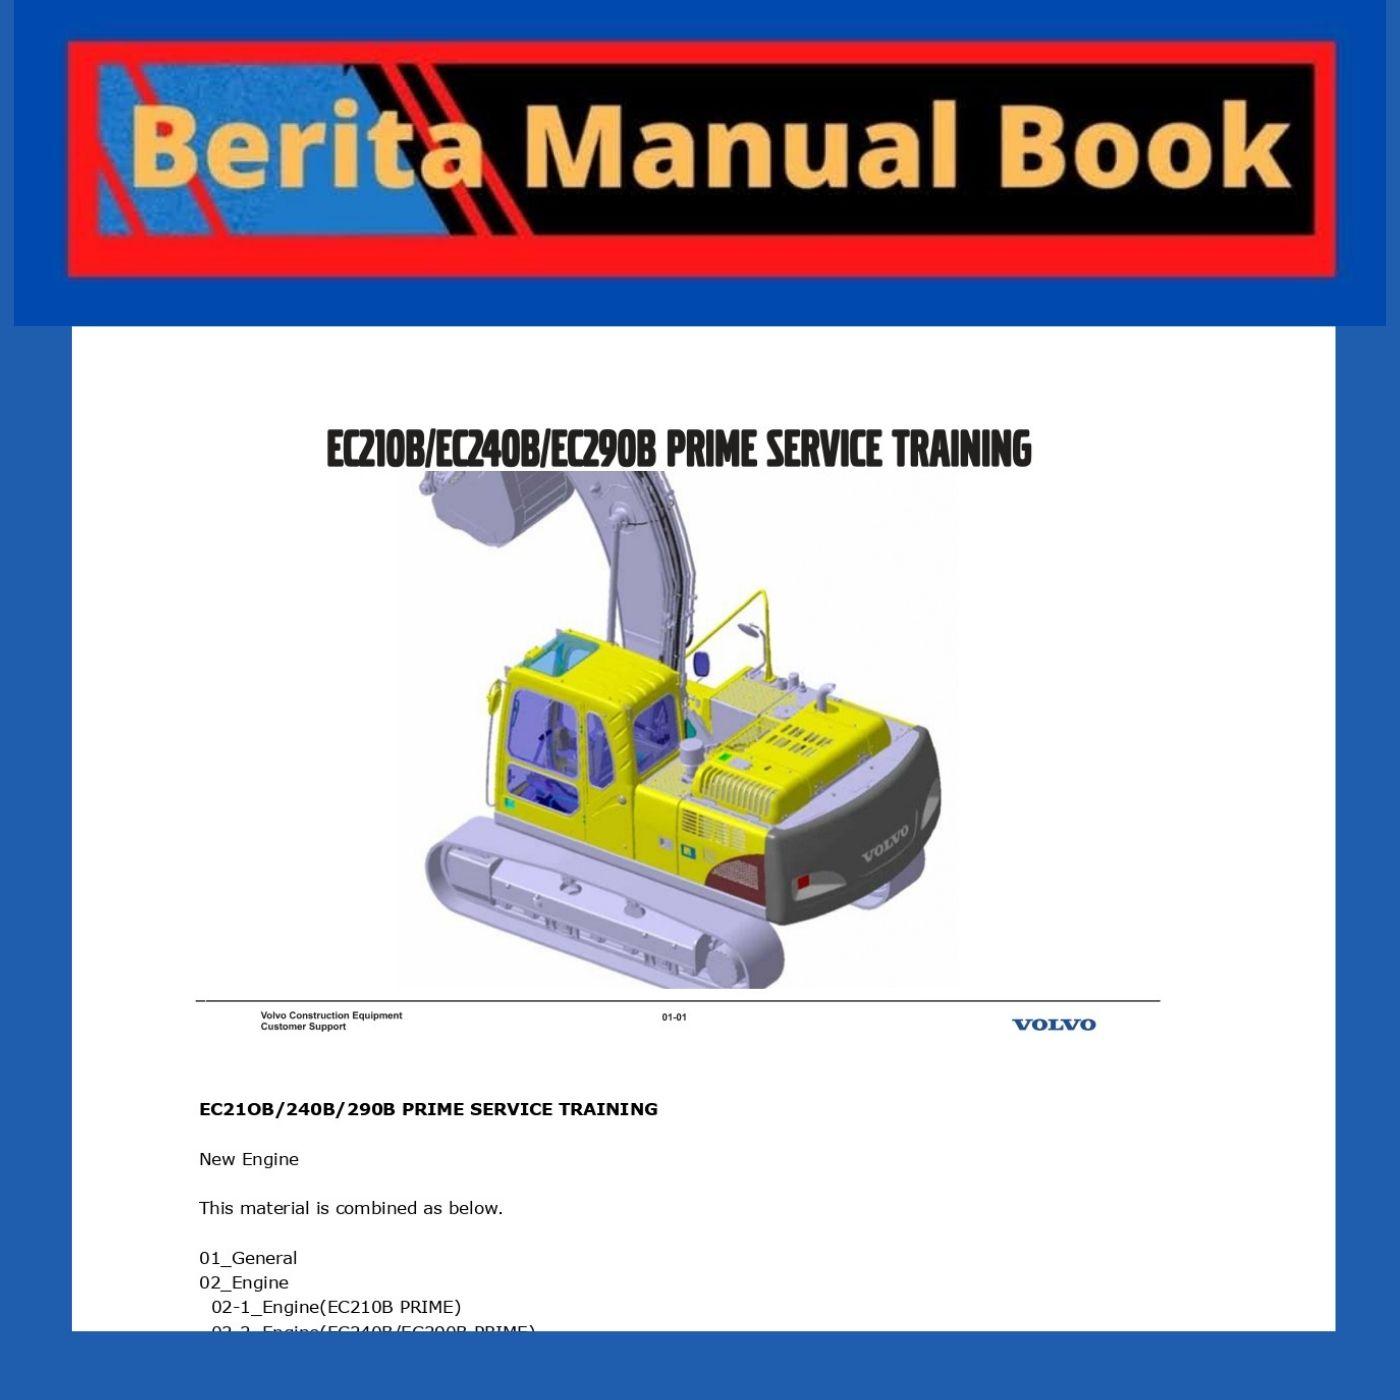 EC21OB/240B/290B PRIME SERVICE TRAINING